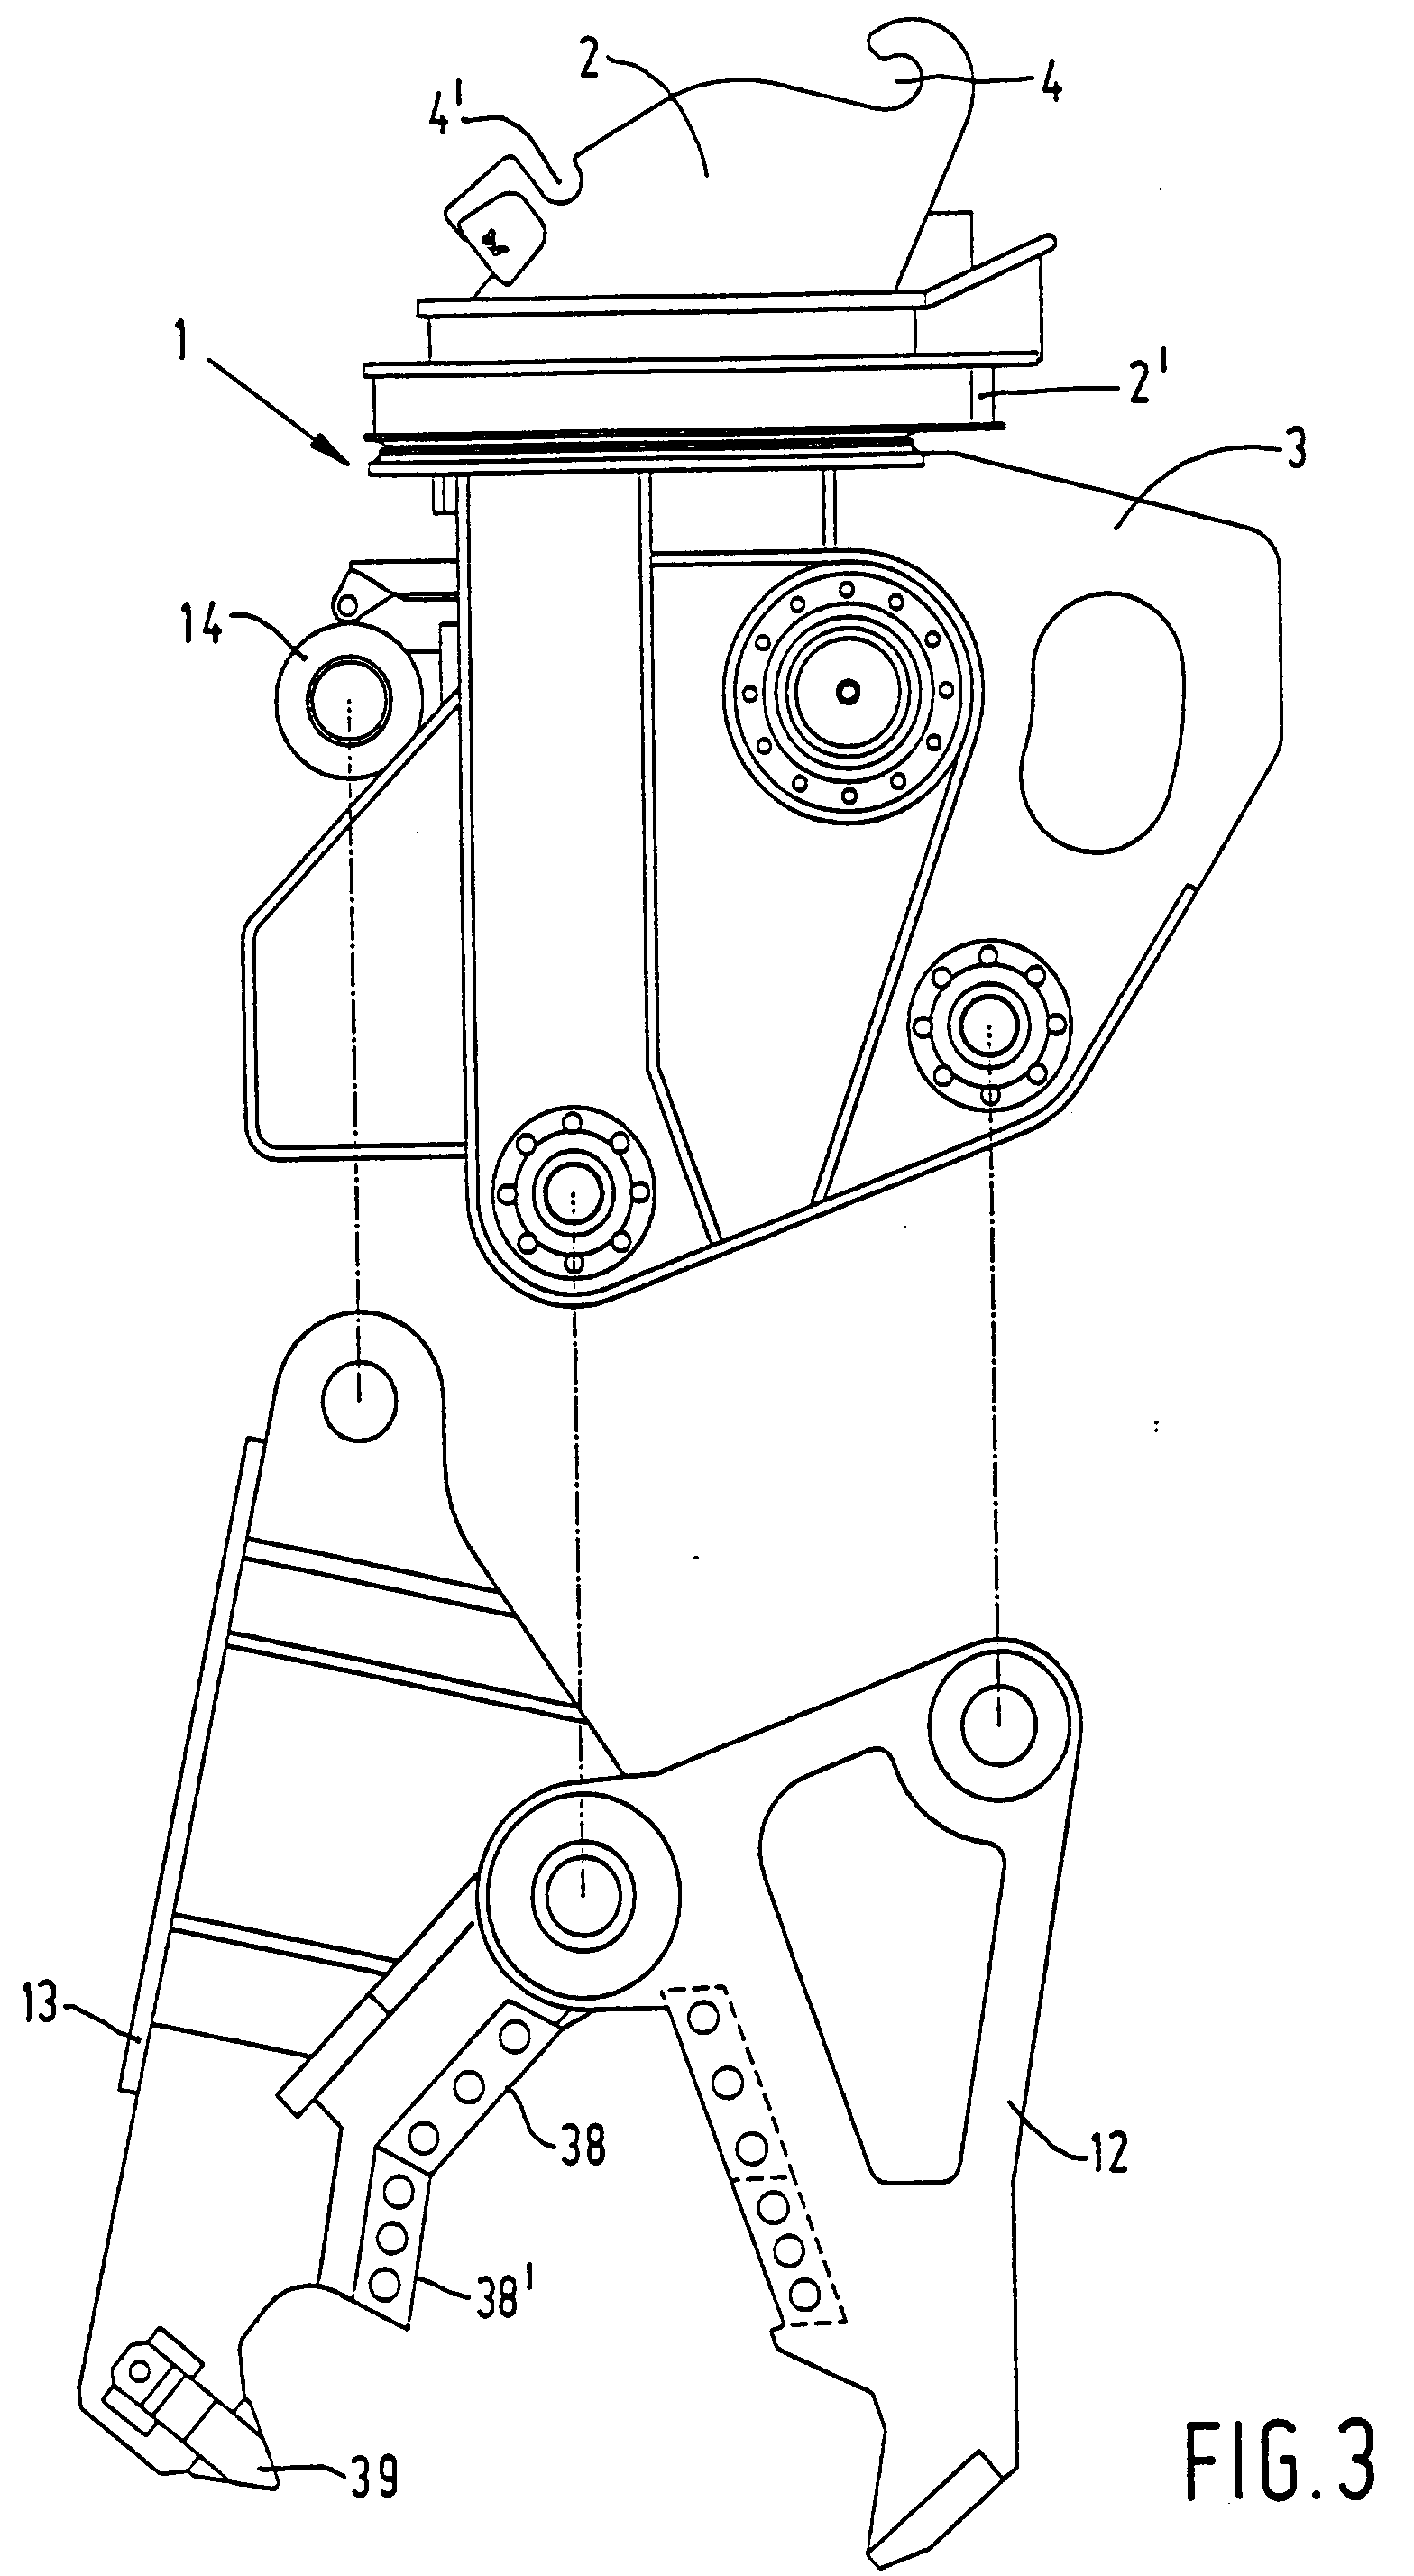 patent ep0641618b1 vorrichtung zum brechen und schneiden. Black Bedroom Furniture Sets. Home Design Ideas